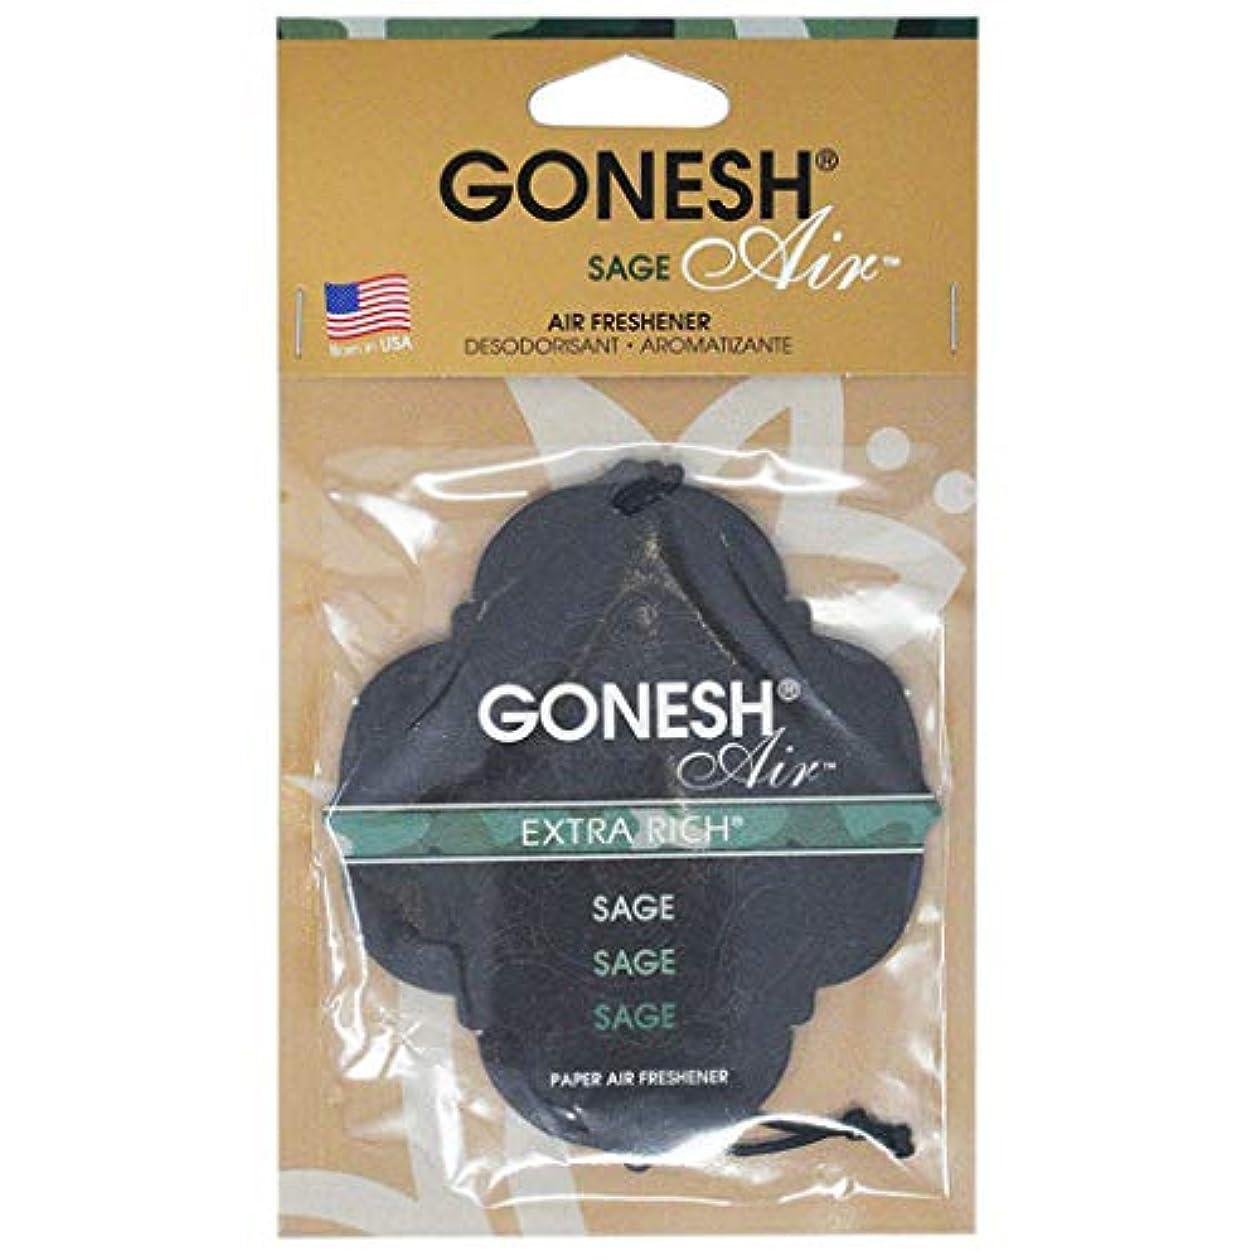 命題天皇義務付けられたGONESH(ガーネッシュ) GONESHペ-パ-エアフレッシュナ- SAGE 96mm×3mm×170mm